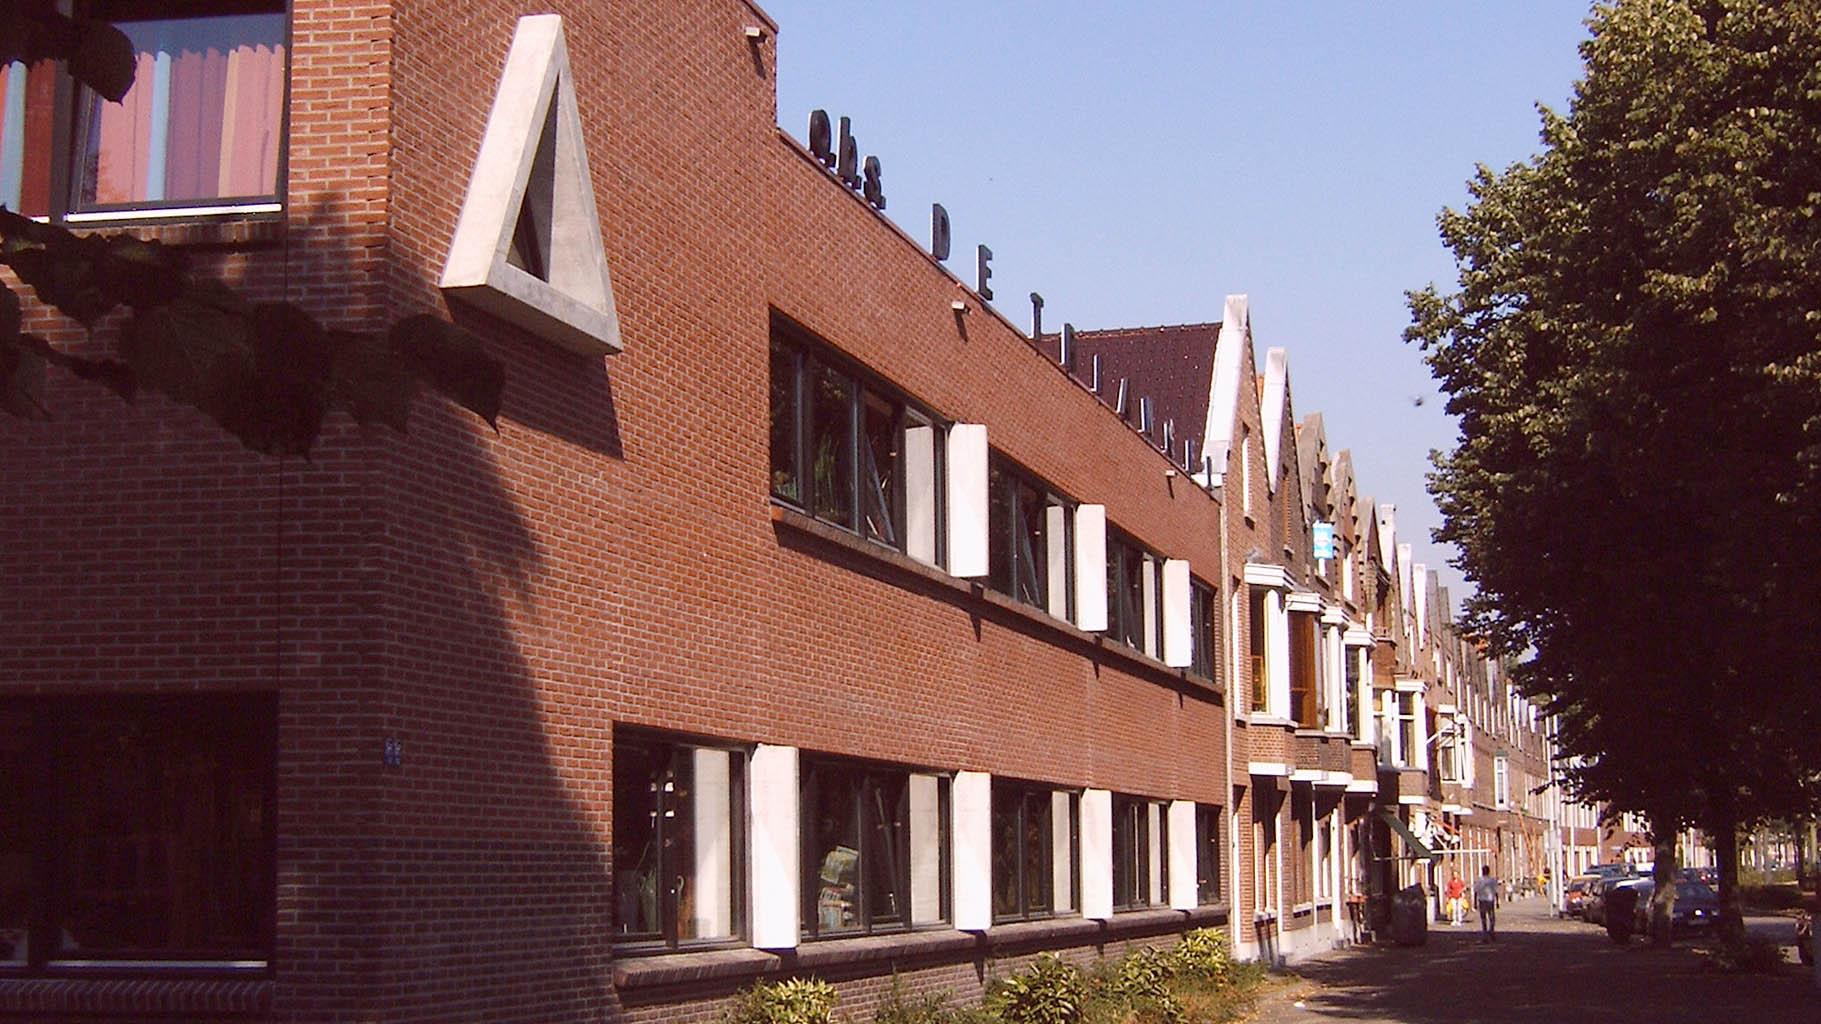 obs triangel rotterdam architect marja haring